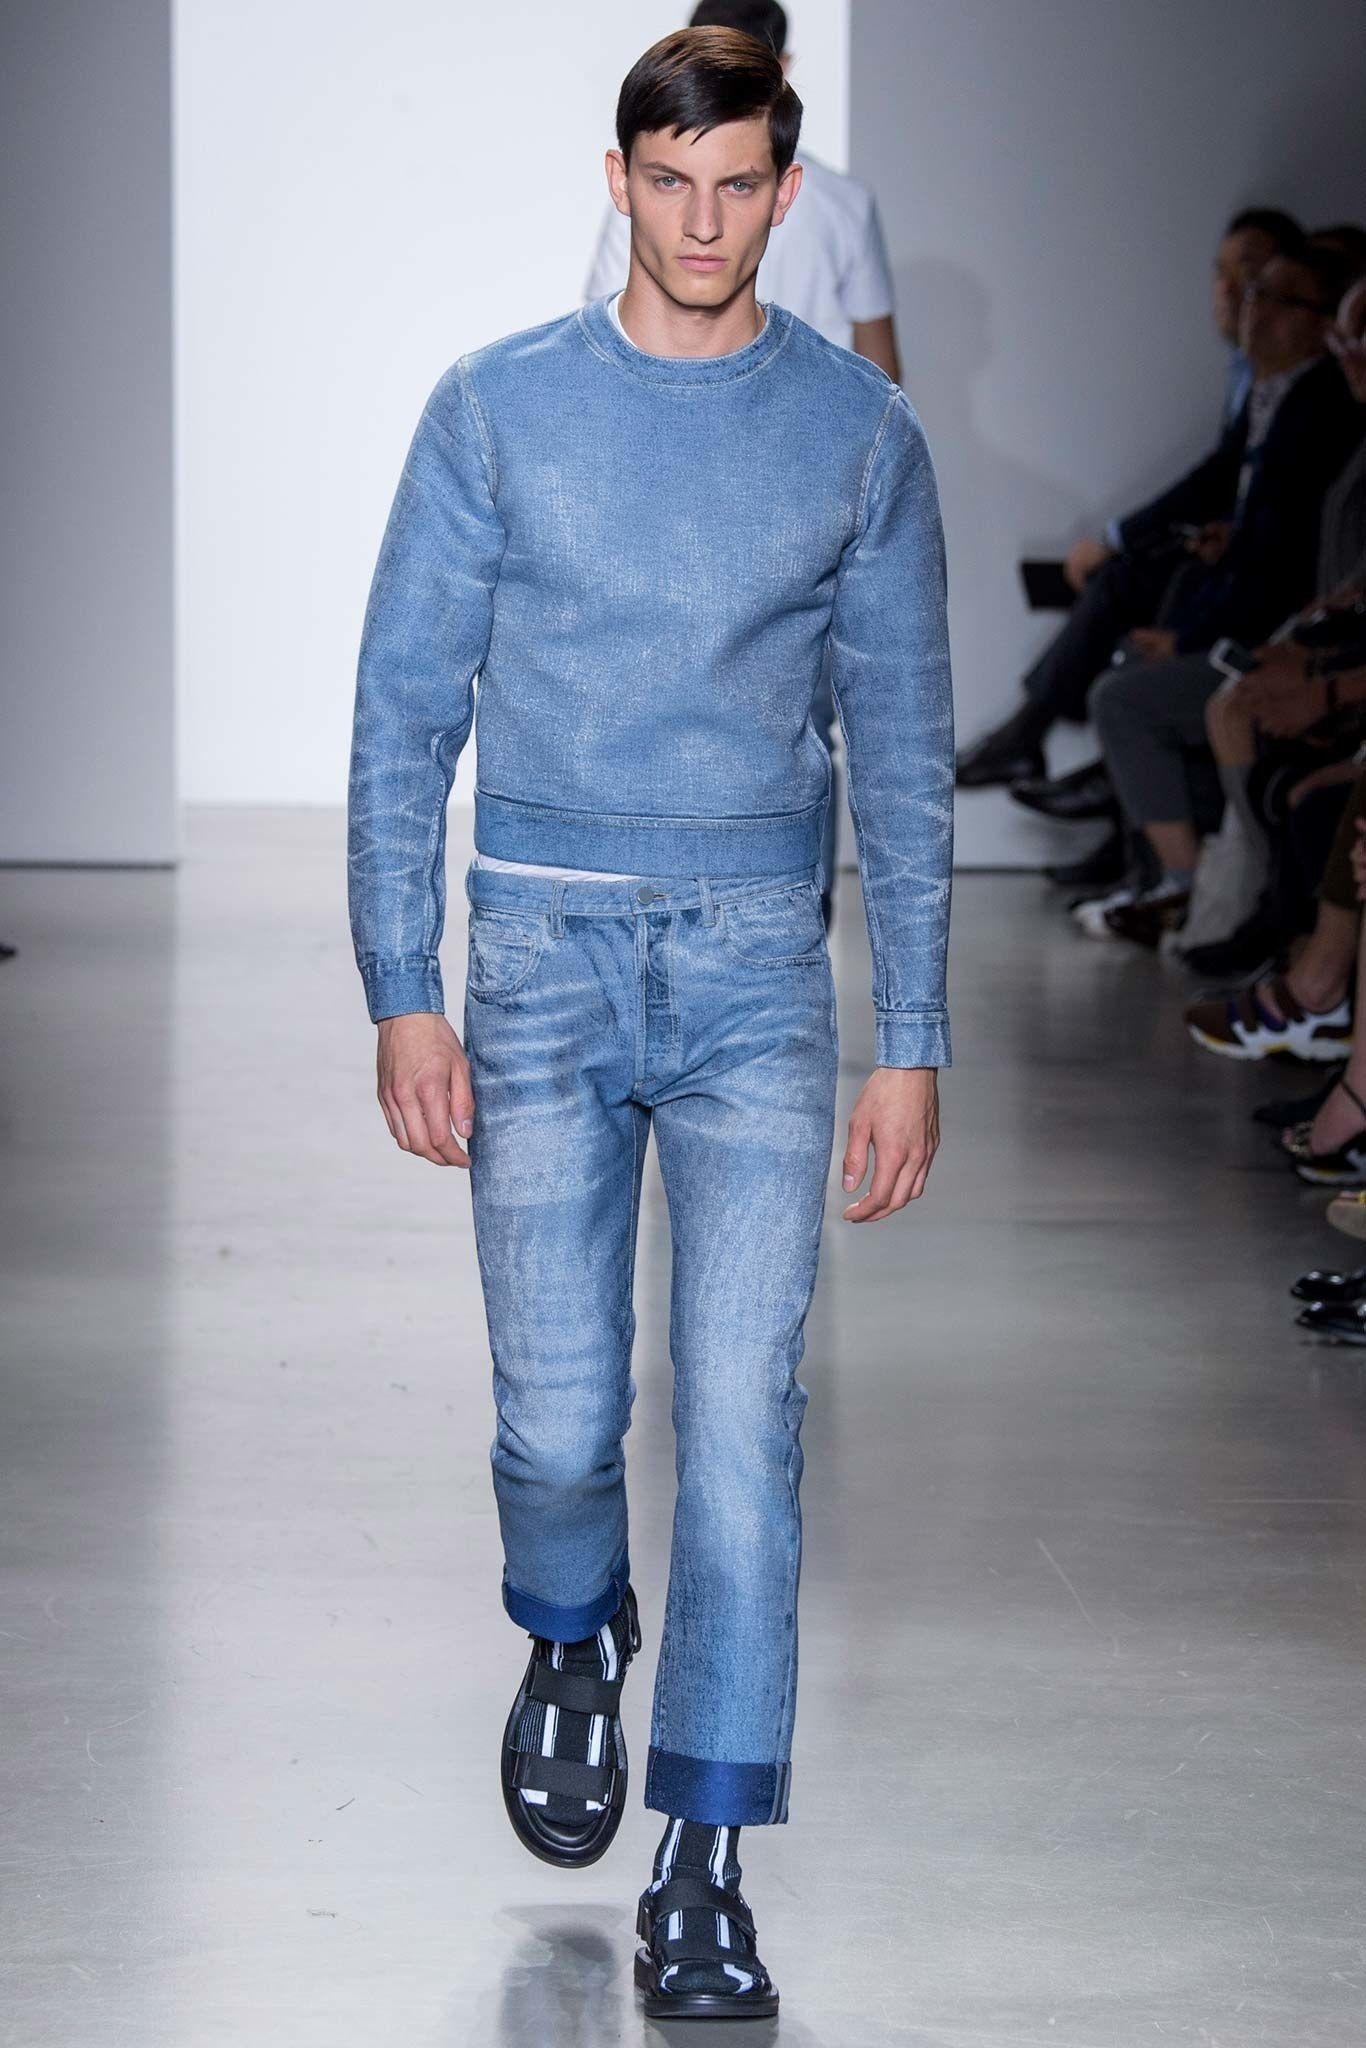 839f13e822ad Calvin Klein Collection Spring 2016 Menswear Collection Photos - Vogue